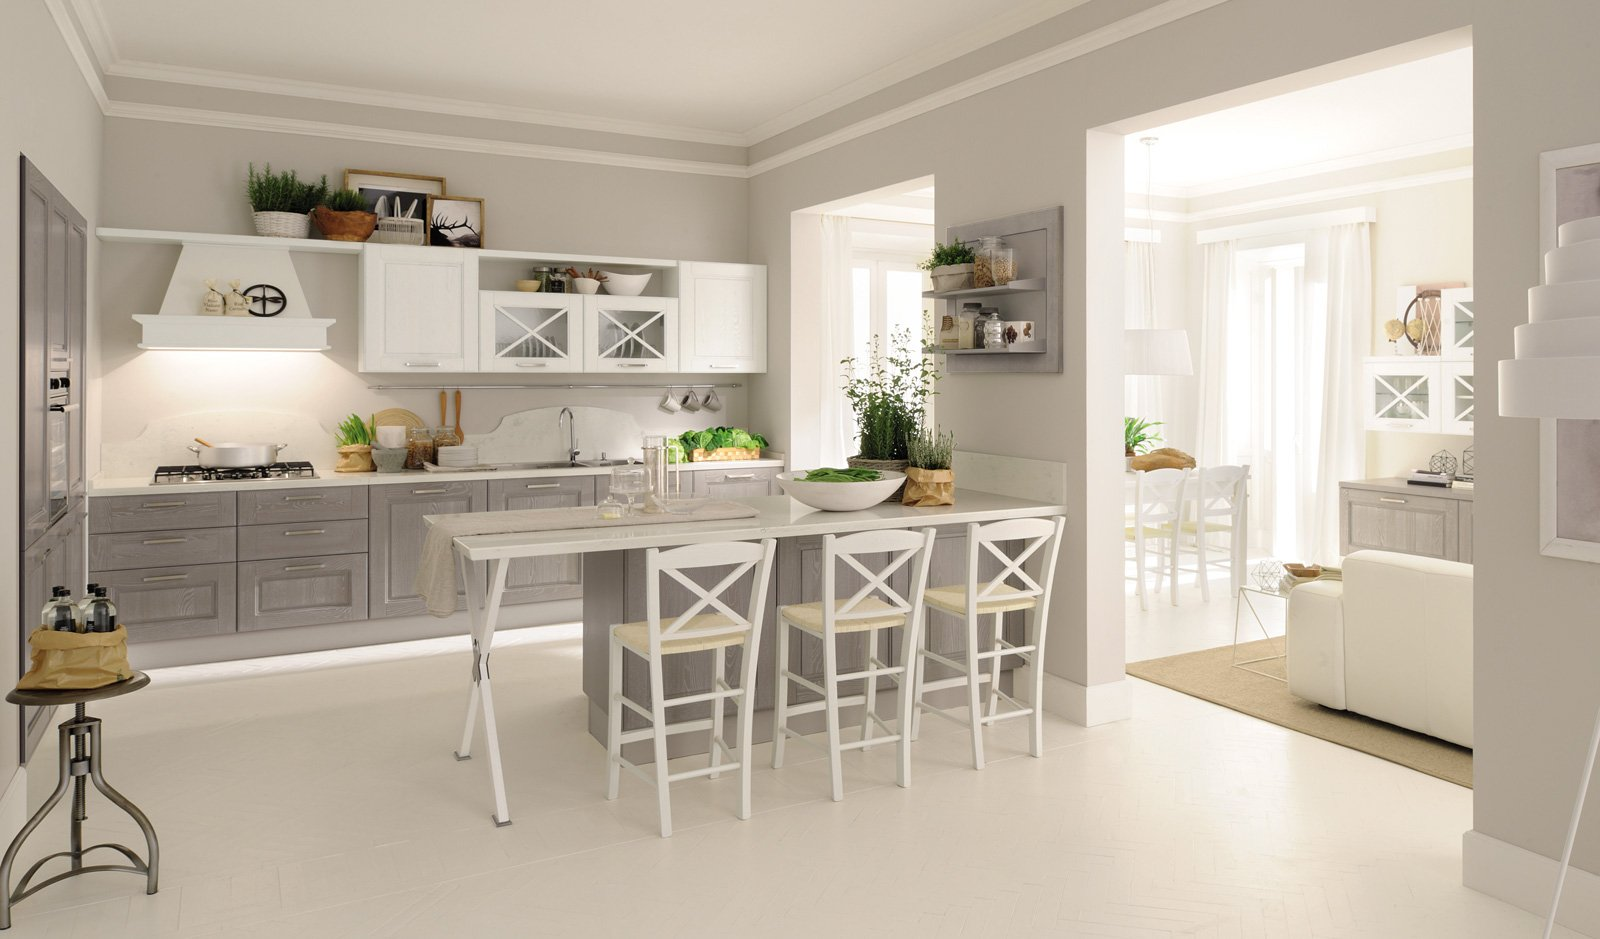 Cucine con ante riquadrate o a telaio cose di casa for Cucine immagini